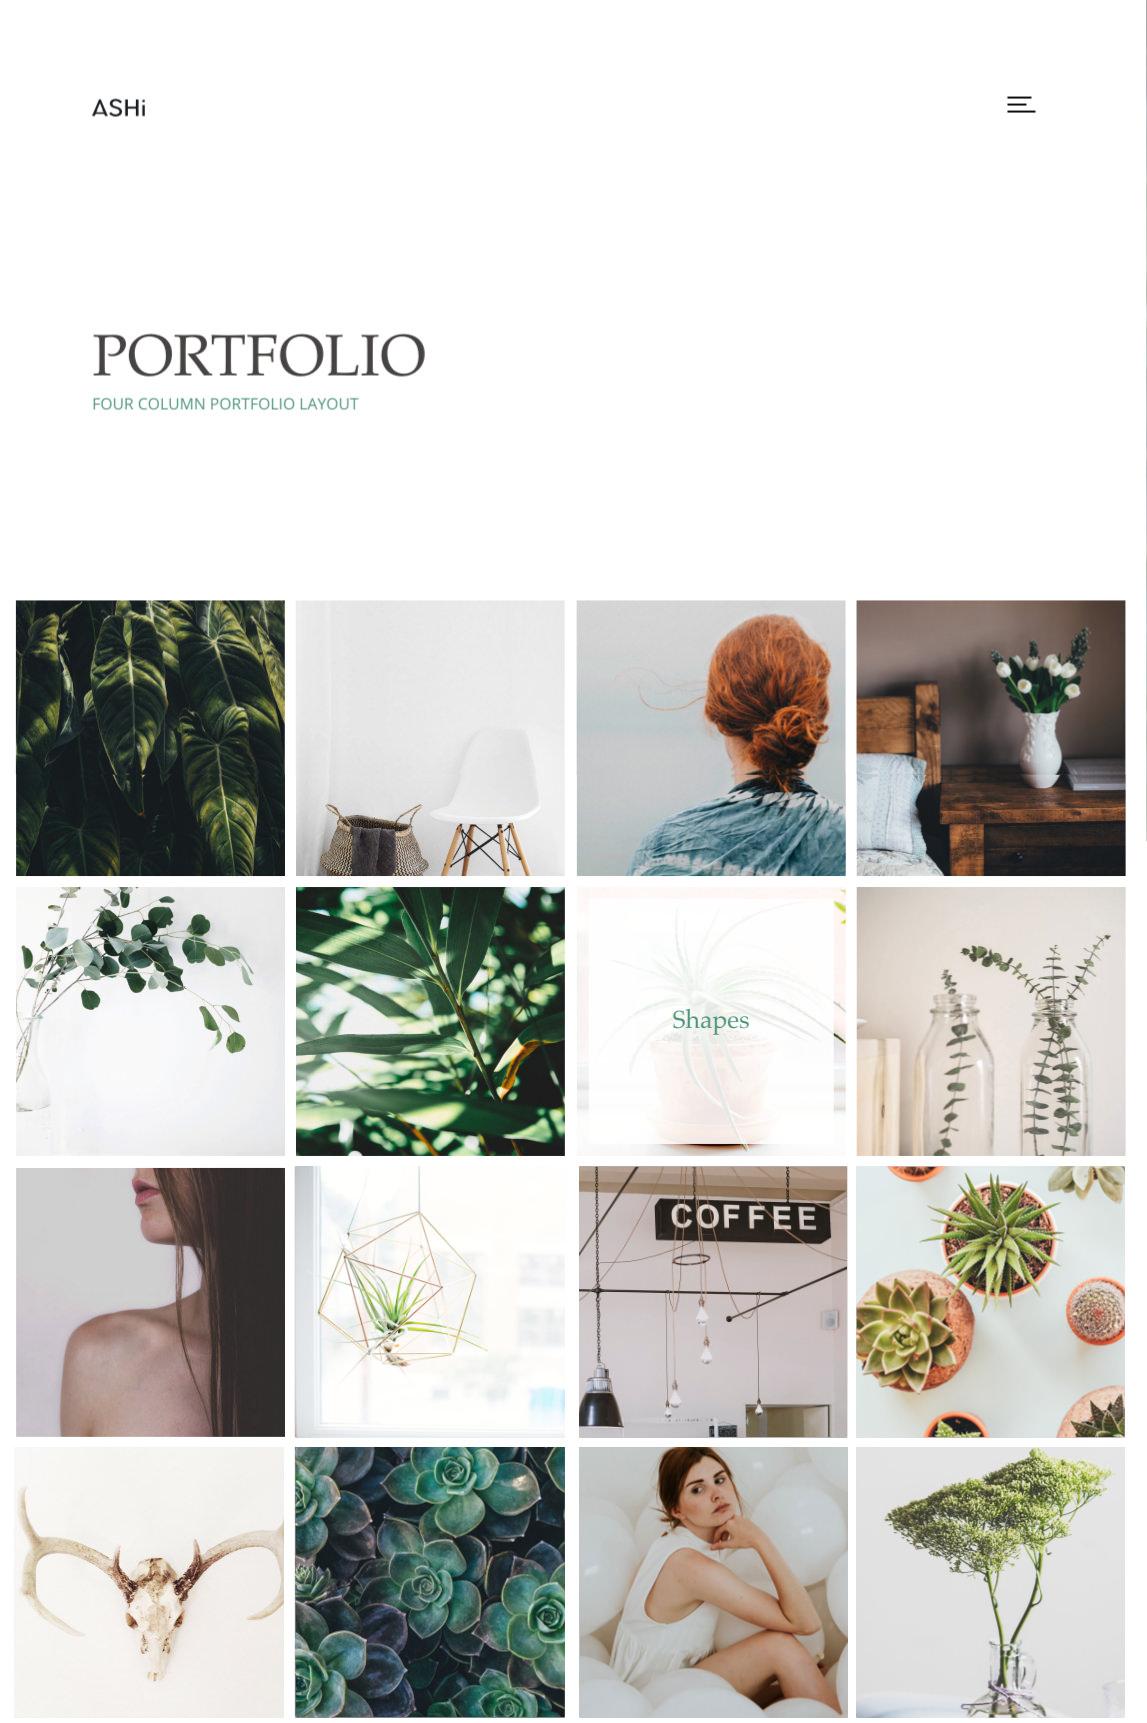 Ashi - minimal portfolio theme with four column grid portfolio.